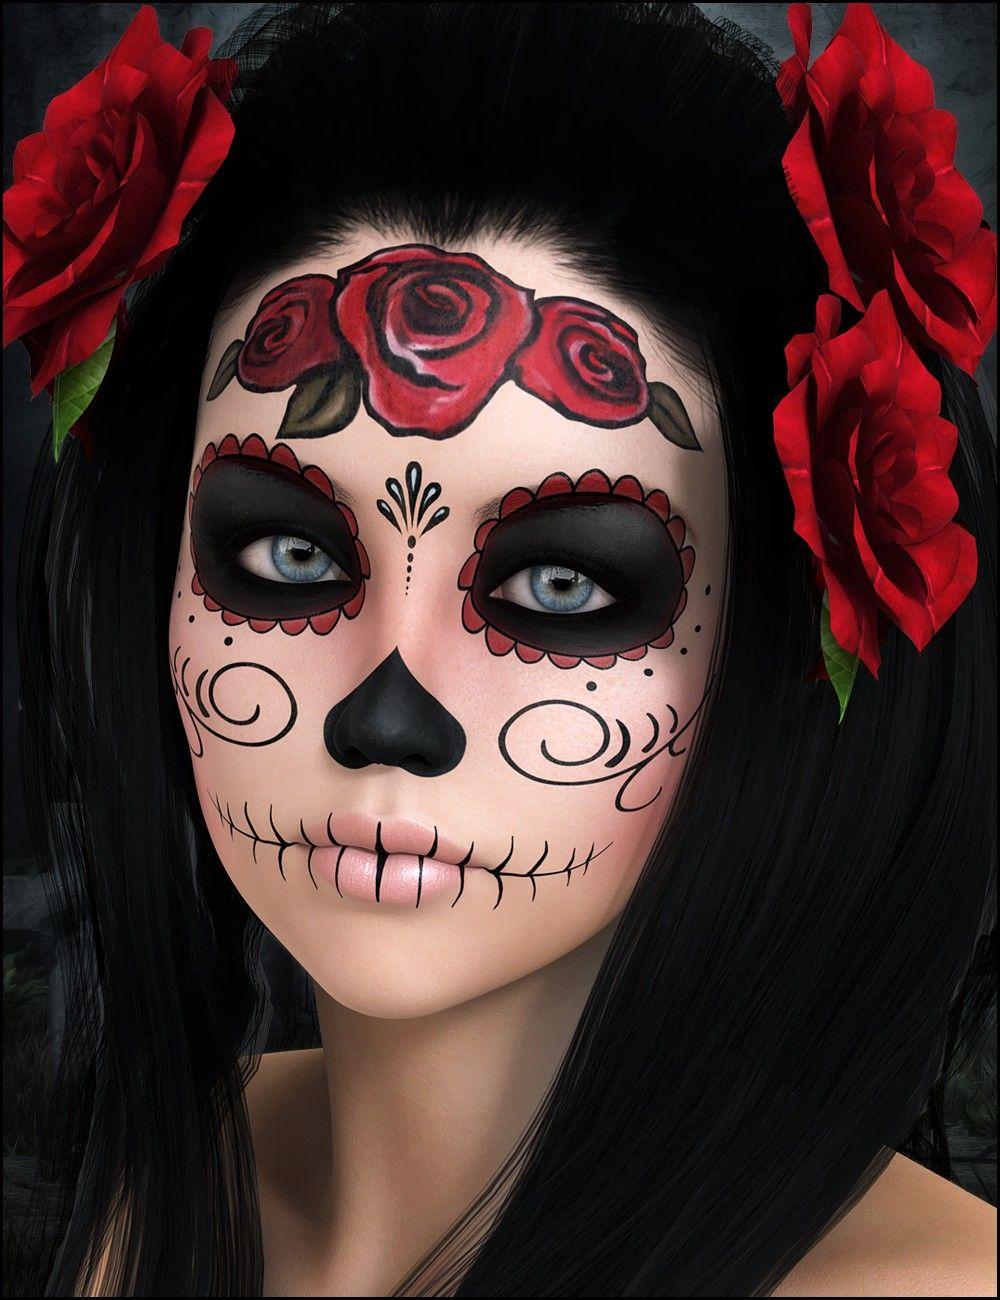 In celebration of Día de los Muertos (Day of the Dead), we